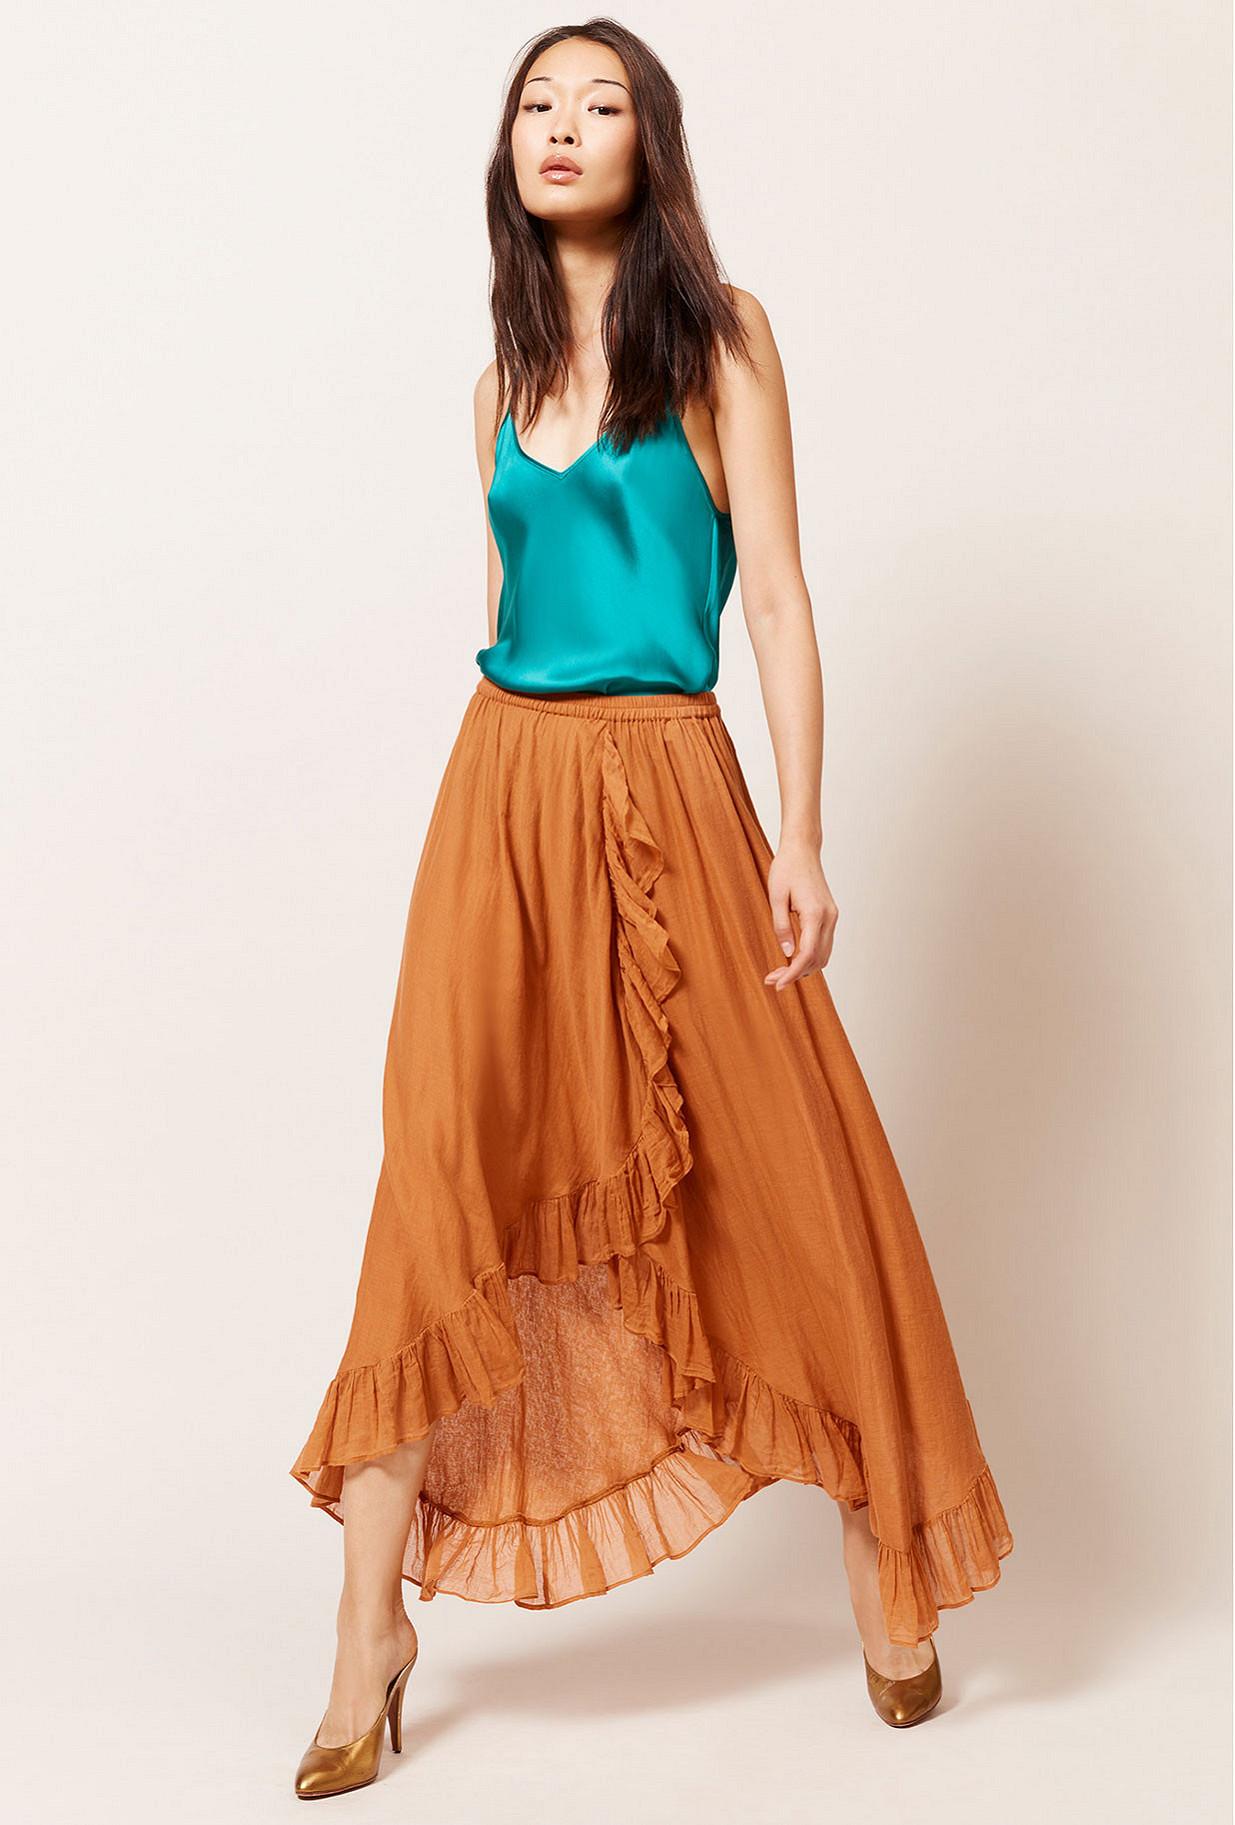 Paris boutique de mode vêtement Jupe créateur bohème  Otello